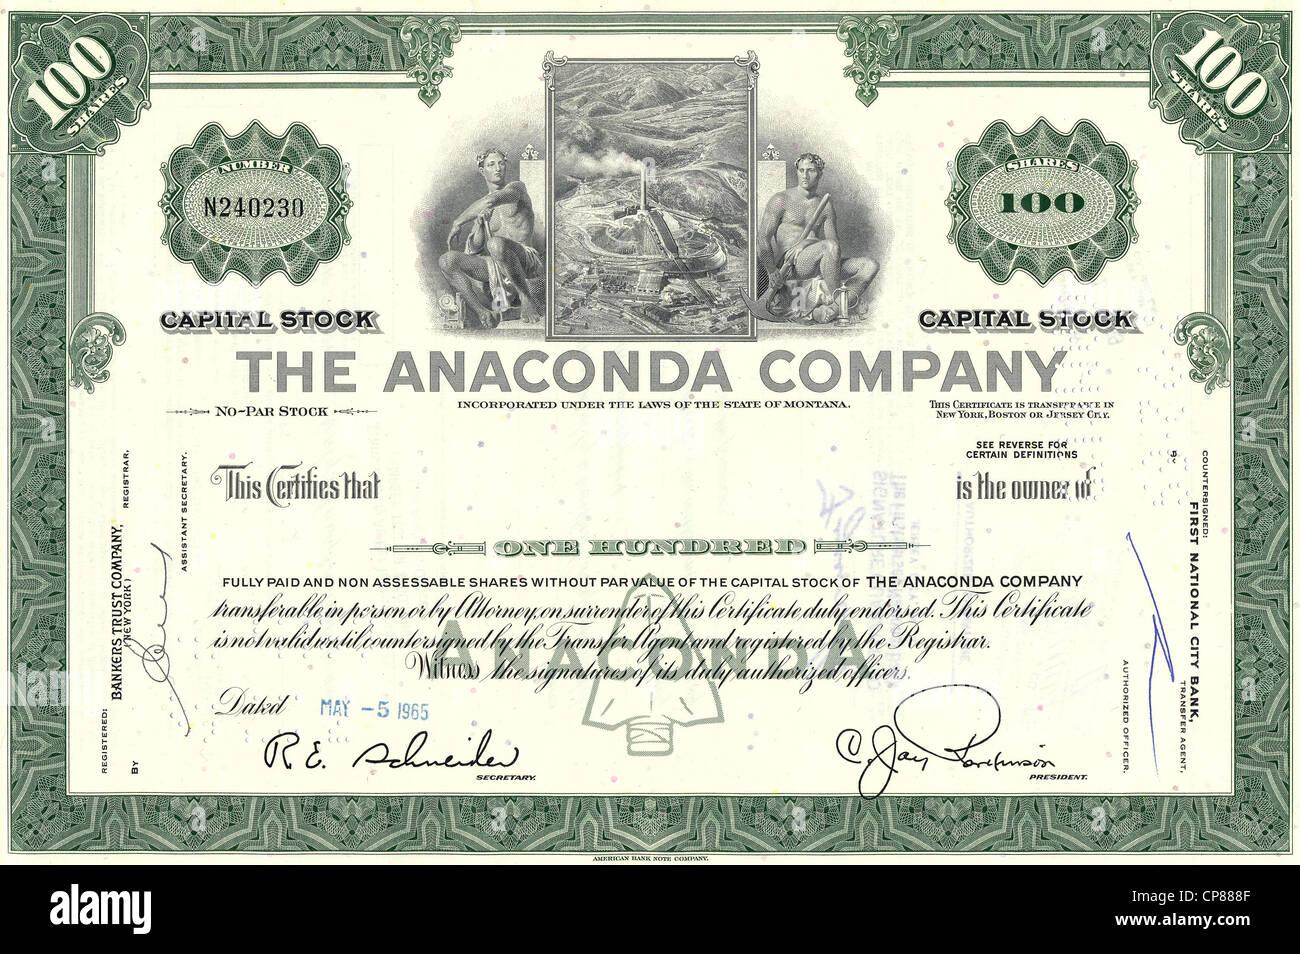 Historische Aktie, Kupferbergbau, la Anaconda Copper Mining Company, 1965, Montana, Estados Unidos, histórico Imagen De Stock